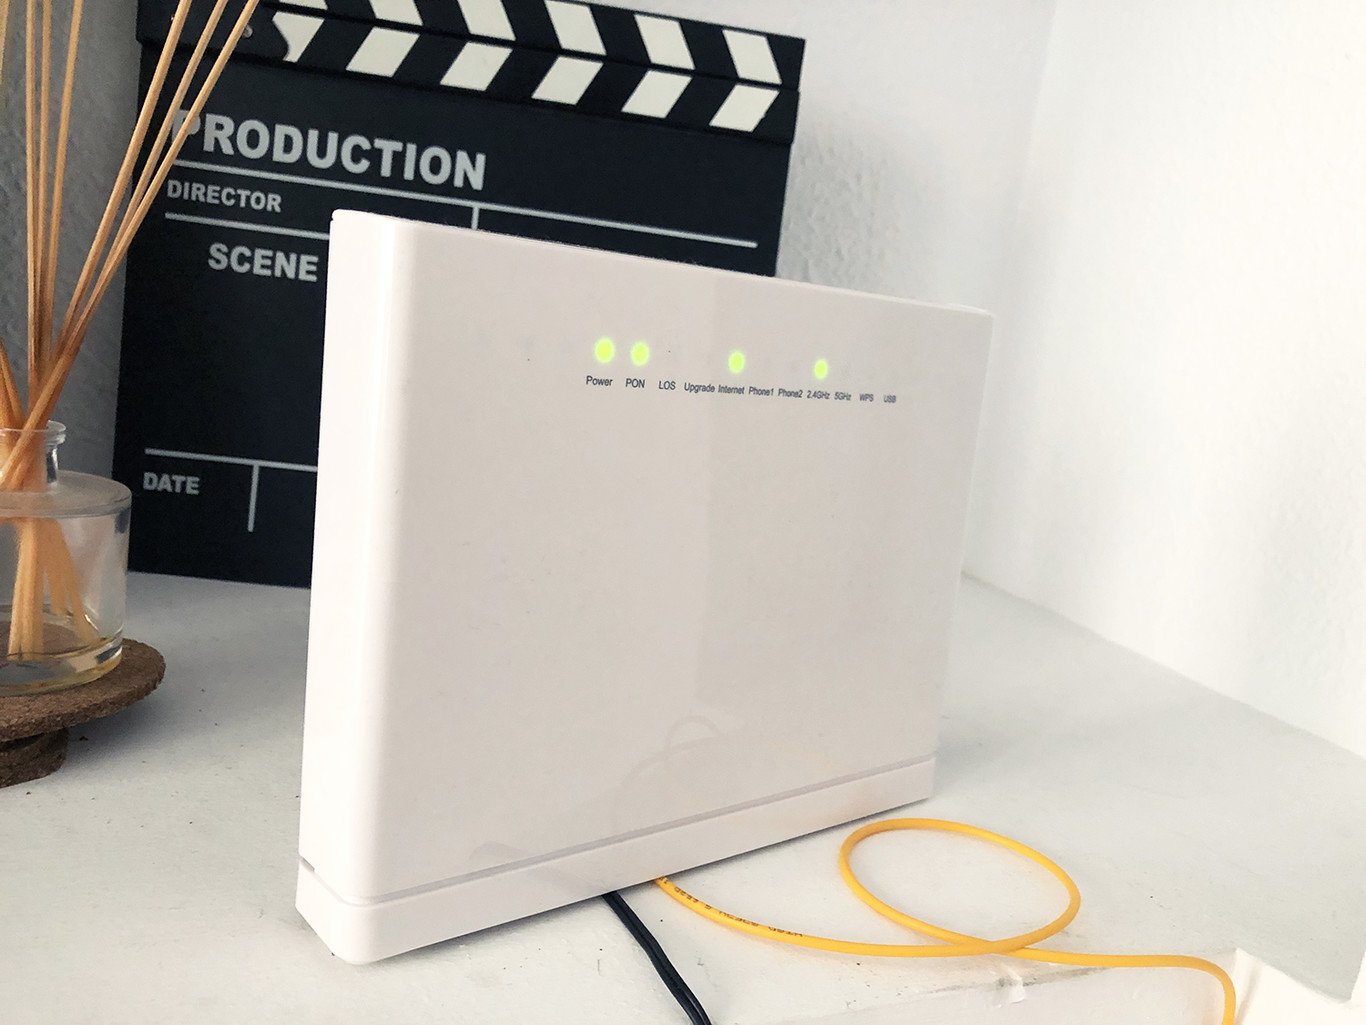 ¿Puedes obtener una mejor tarjeta wifi para ps4 original?